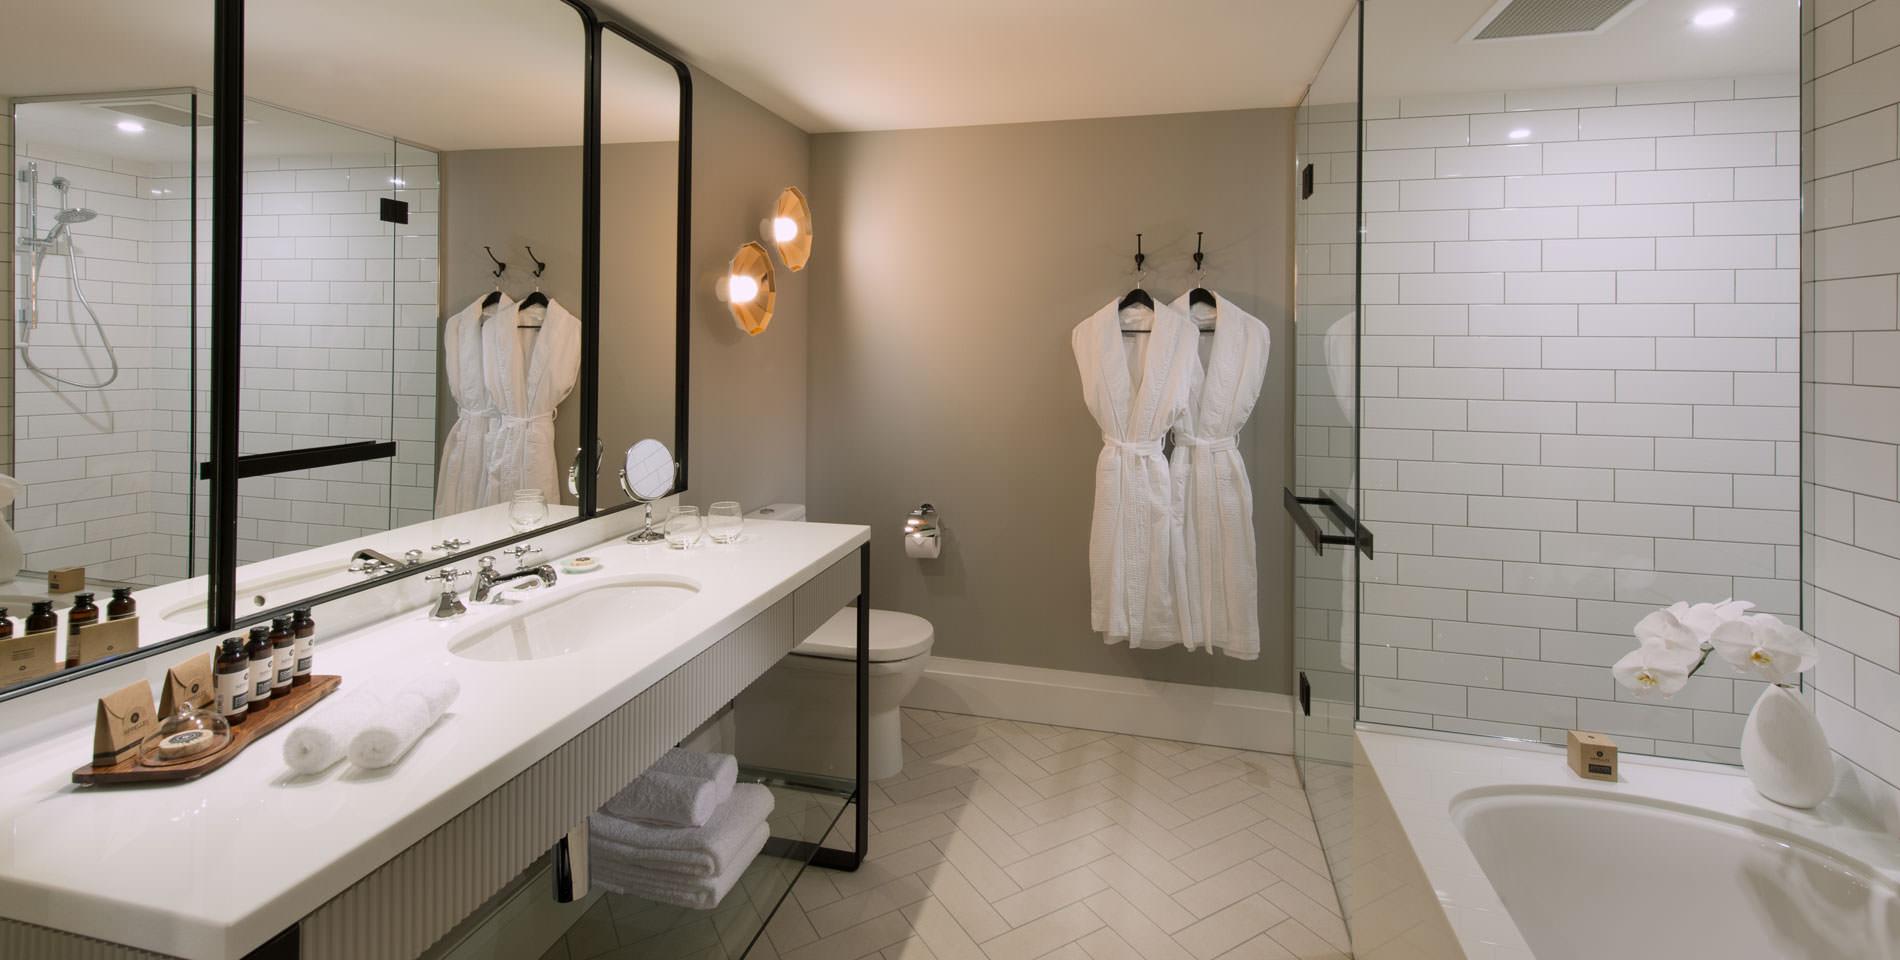 hotel bathroom mayfair king suite